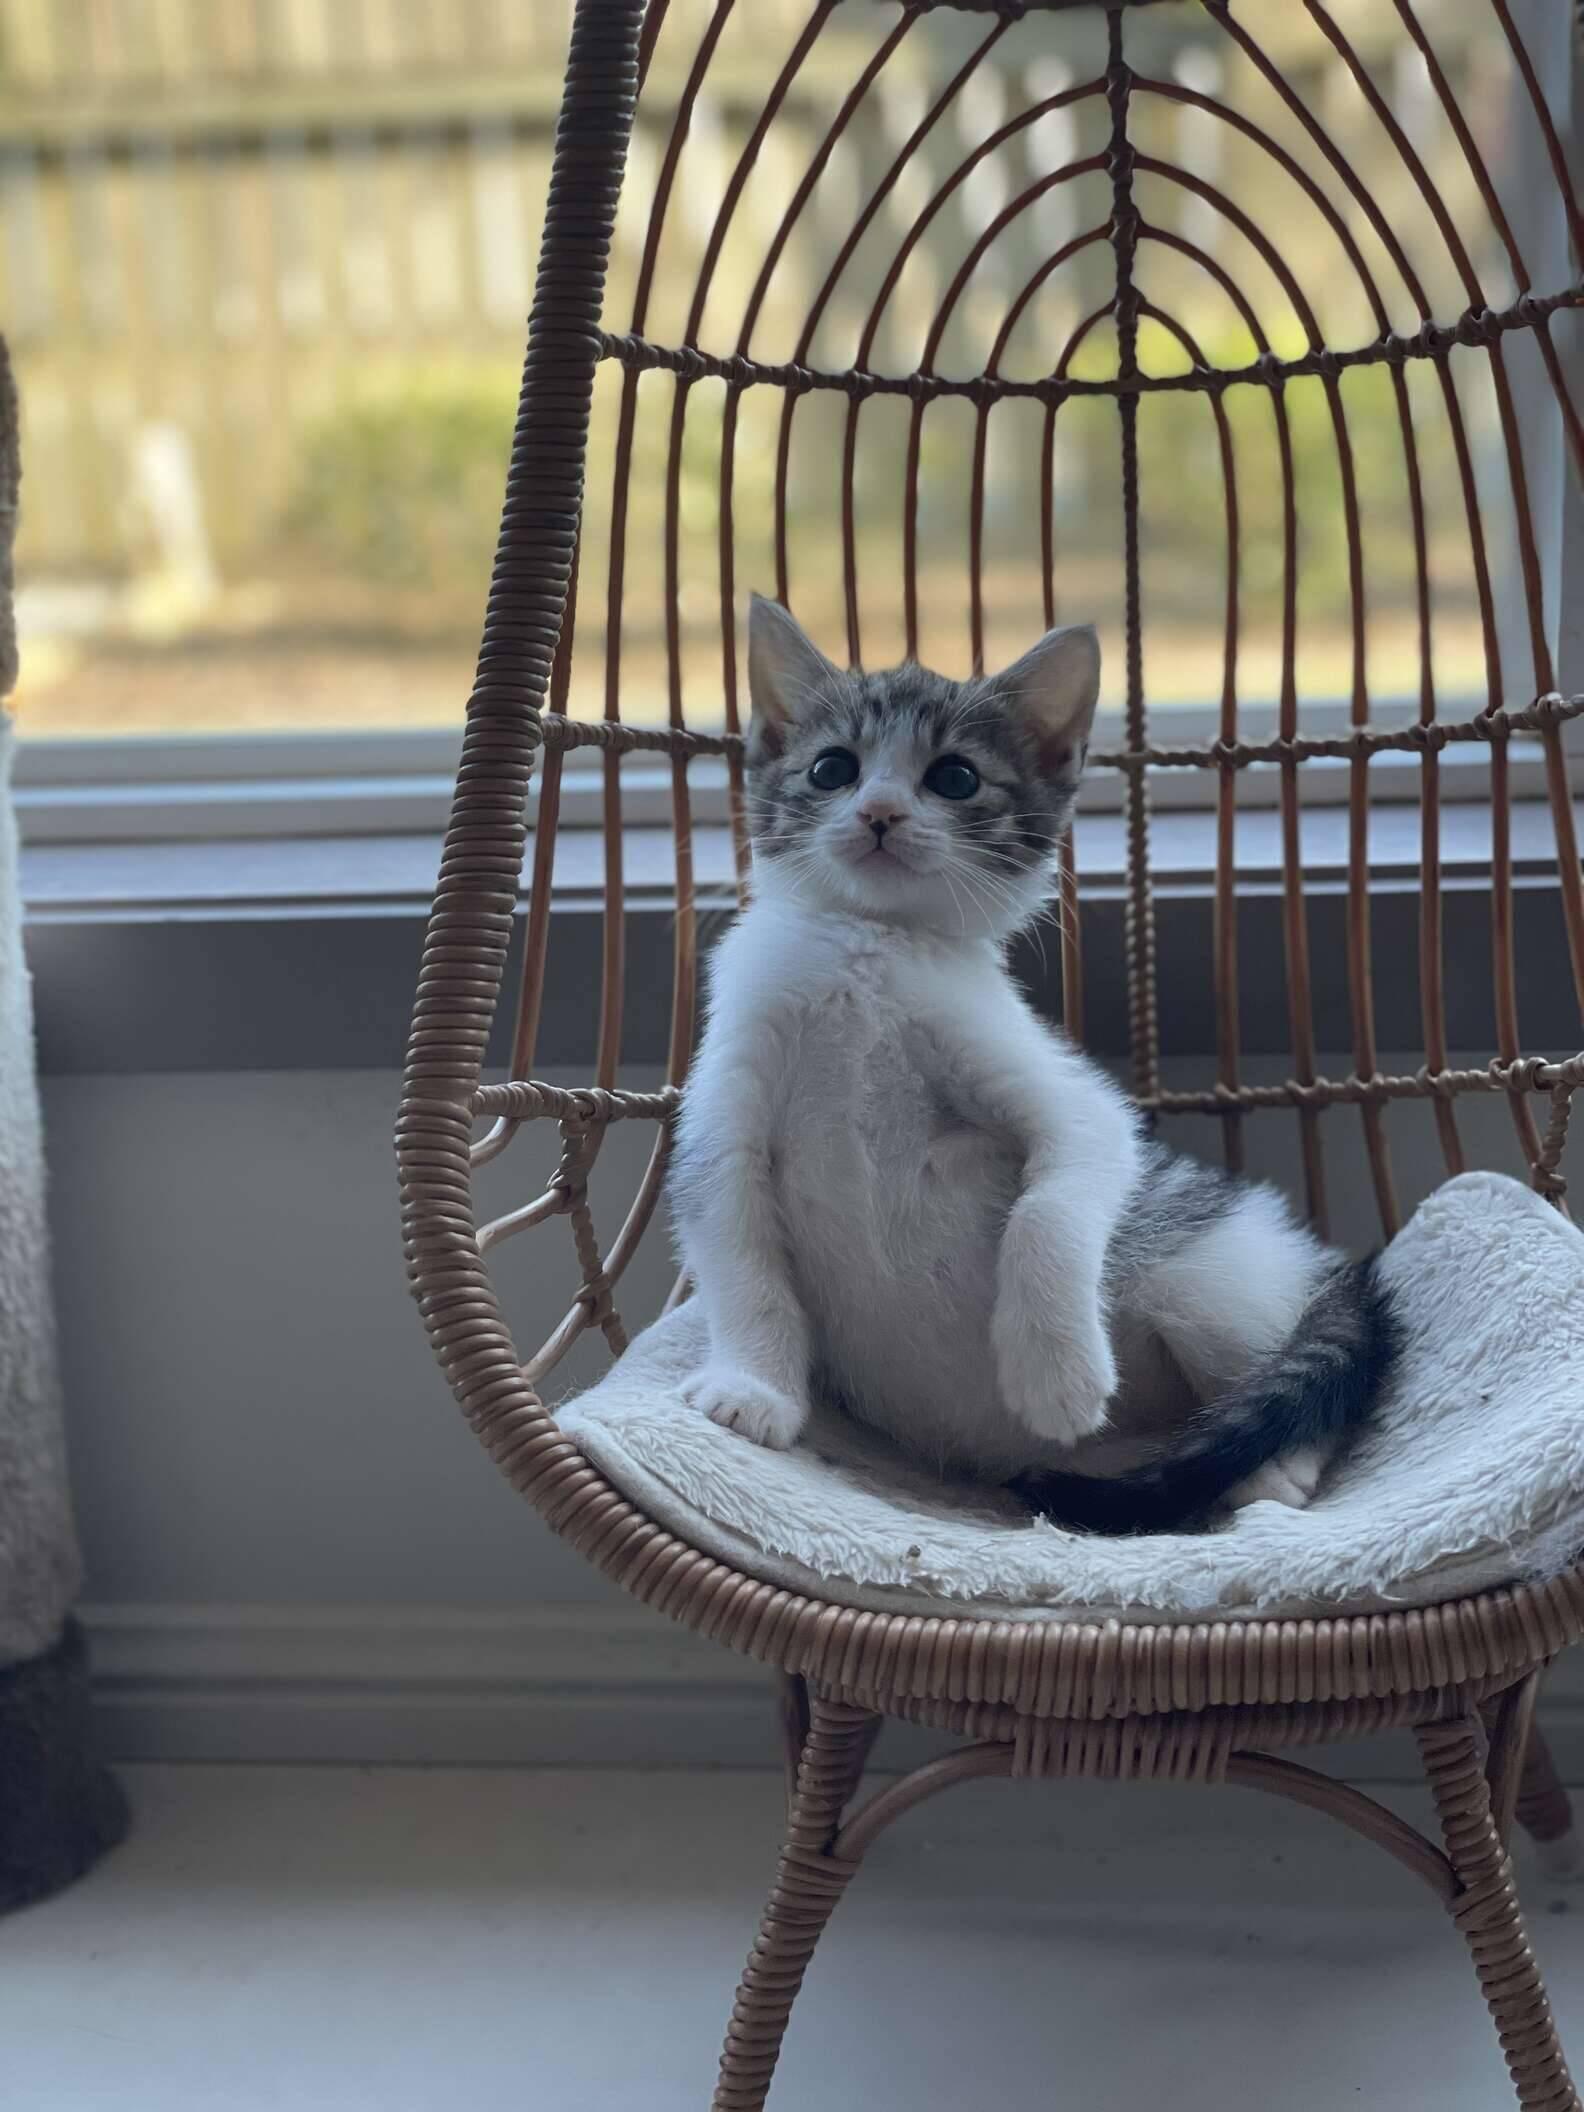 Namaari posando para um calendário de gatinhos. Foto: Jen Davis